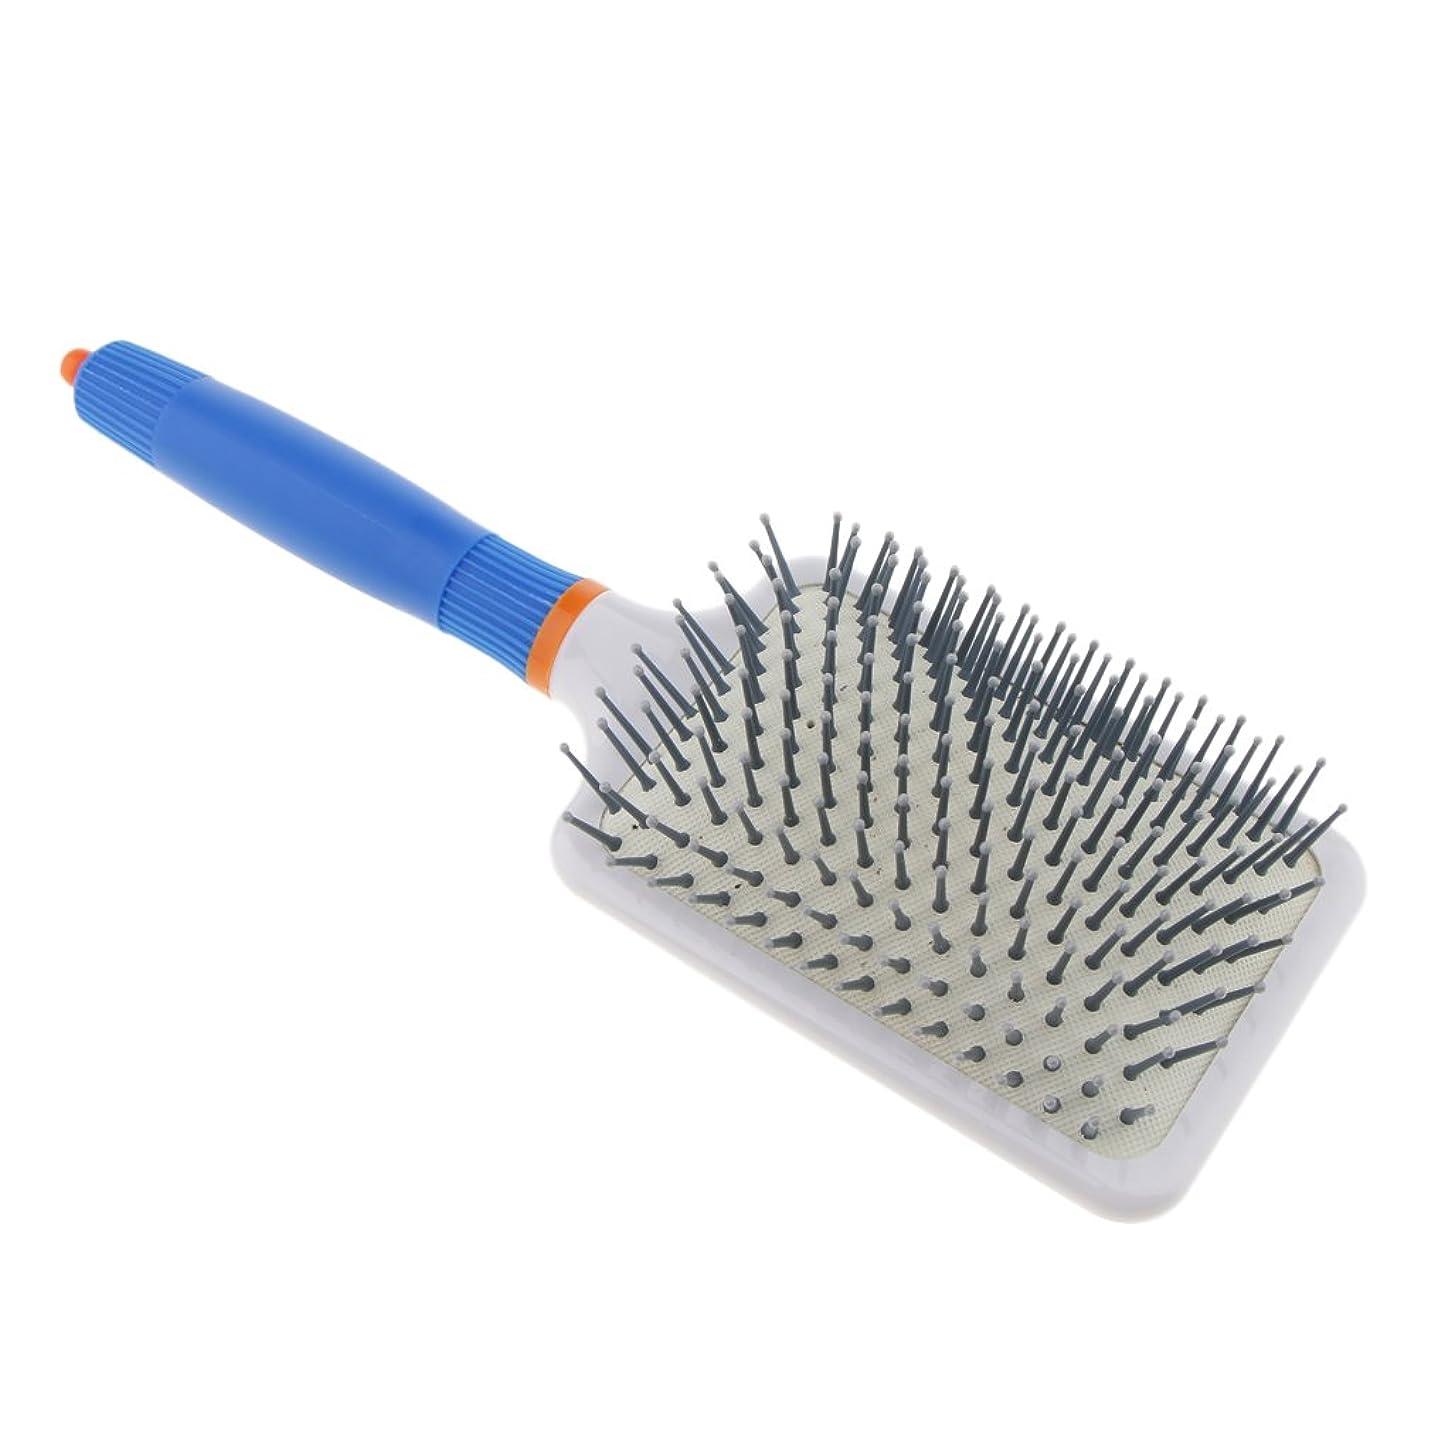 まろやかな傾いた染料Homyl 頭皮マッサージ ヘアブラシ 櫛 ヘアコーム エアバッグ櫛 静電気防止 便利 濡れ髪適用 全2色 - ダークブルー